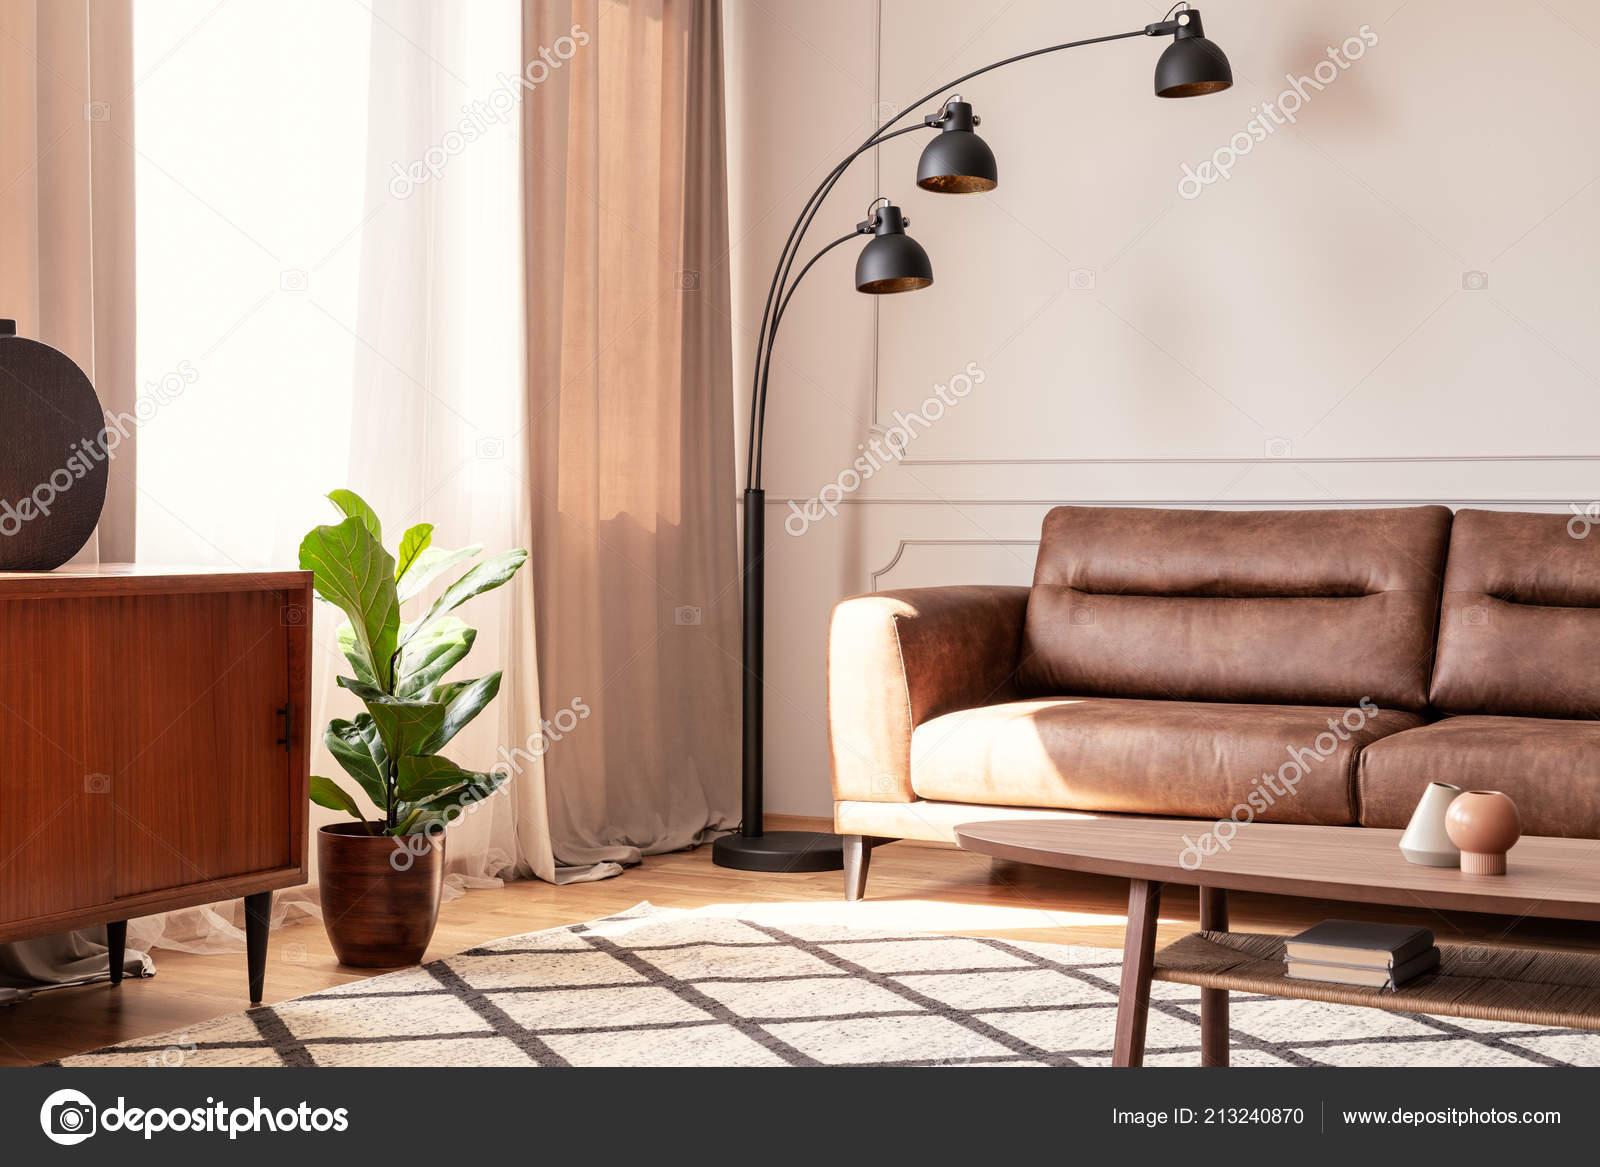 Black Lamp Next Leather Sofa Retro Living Room Interior